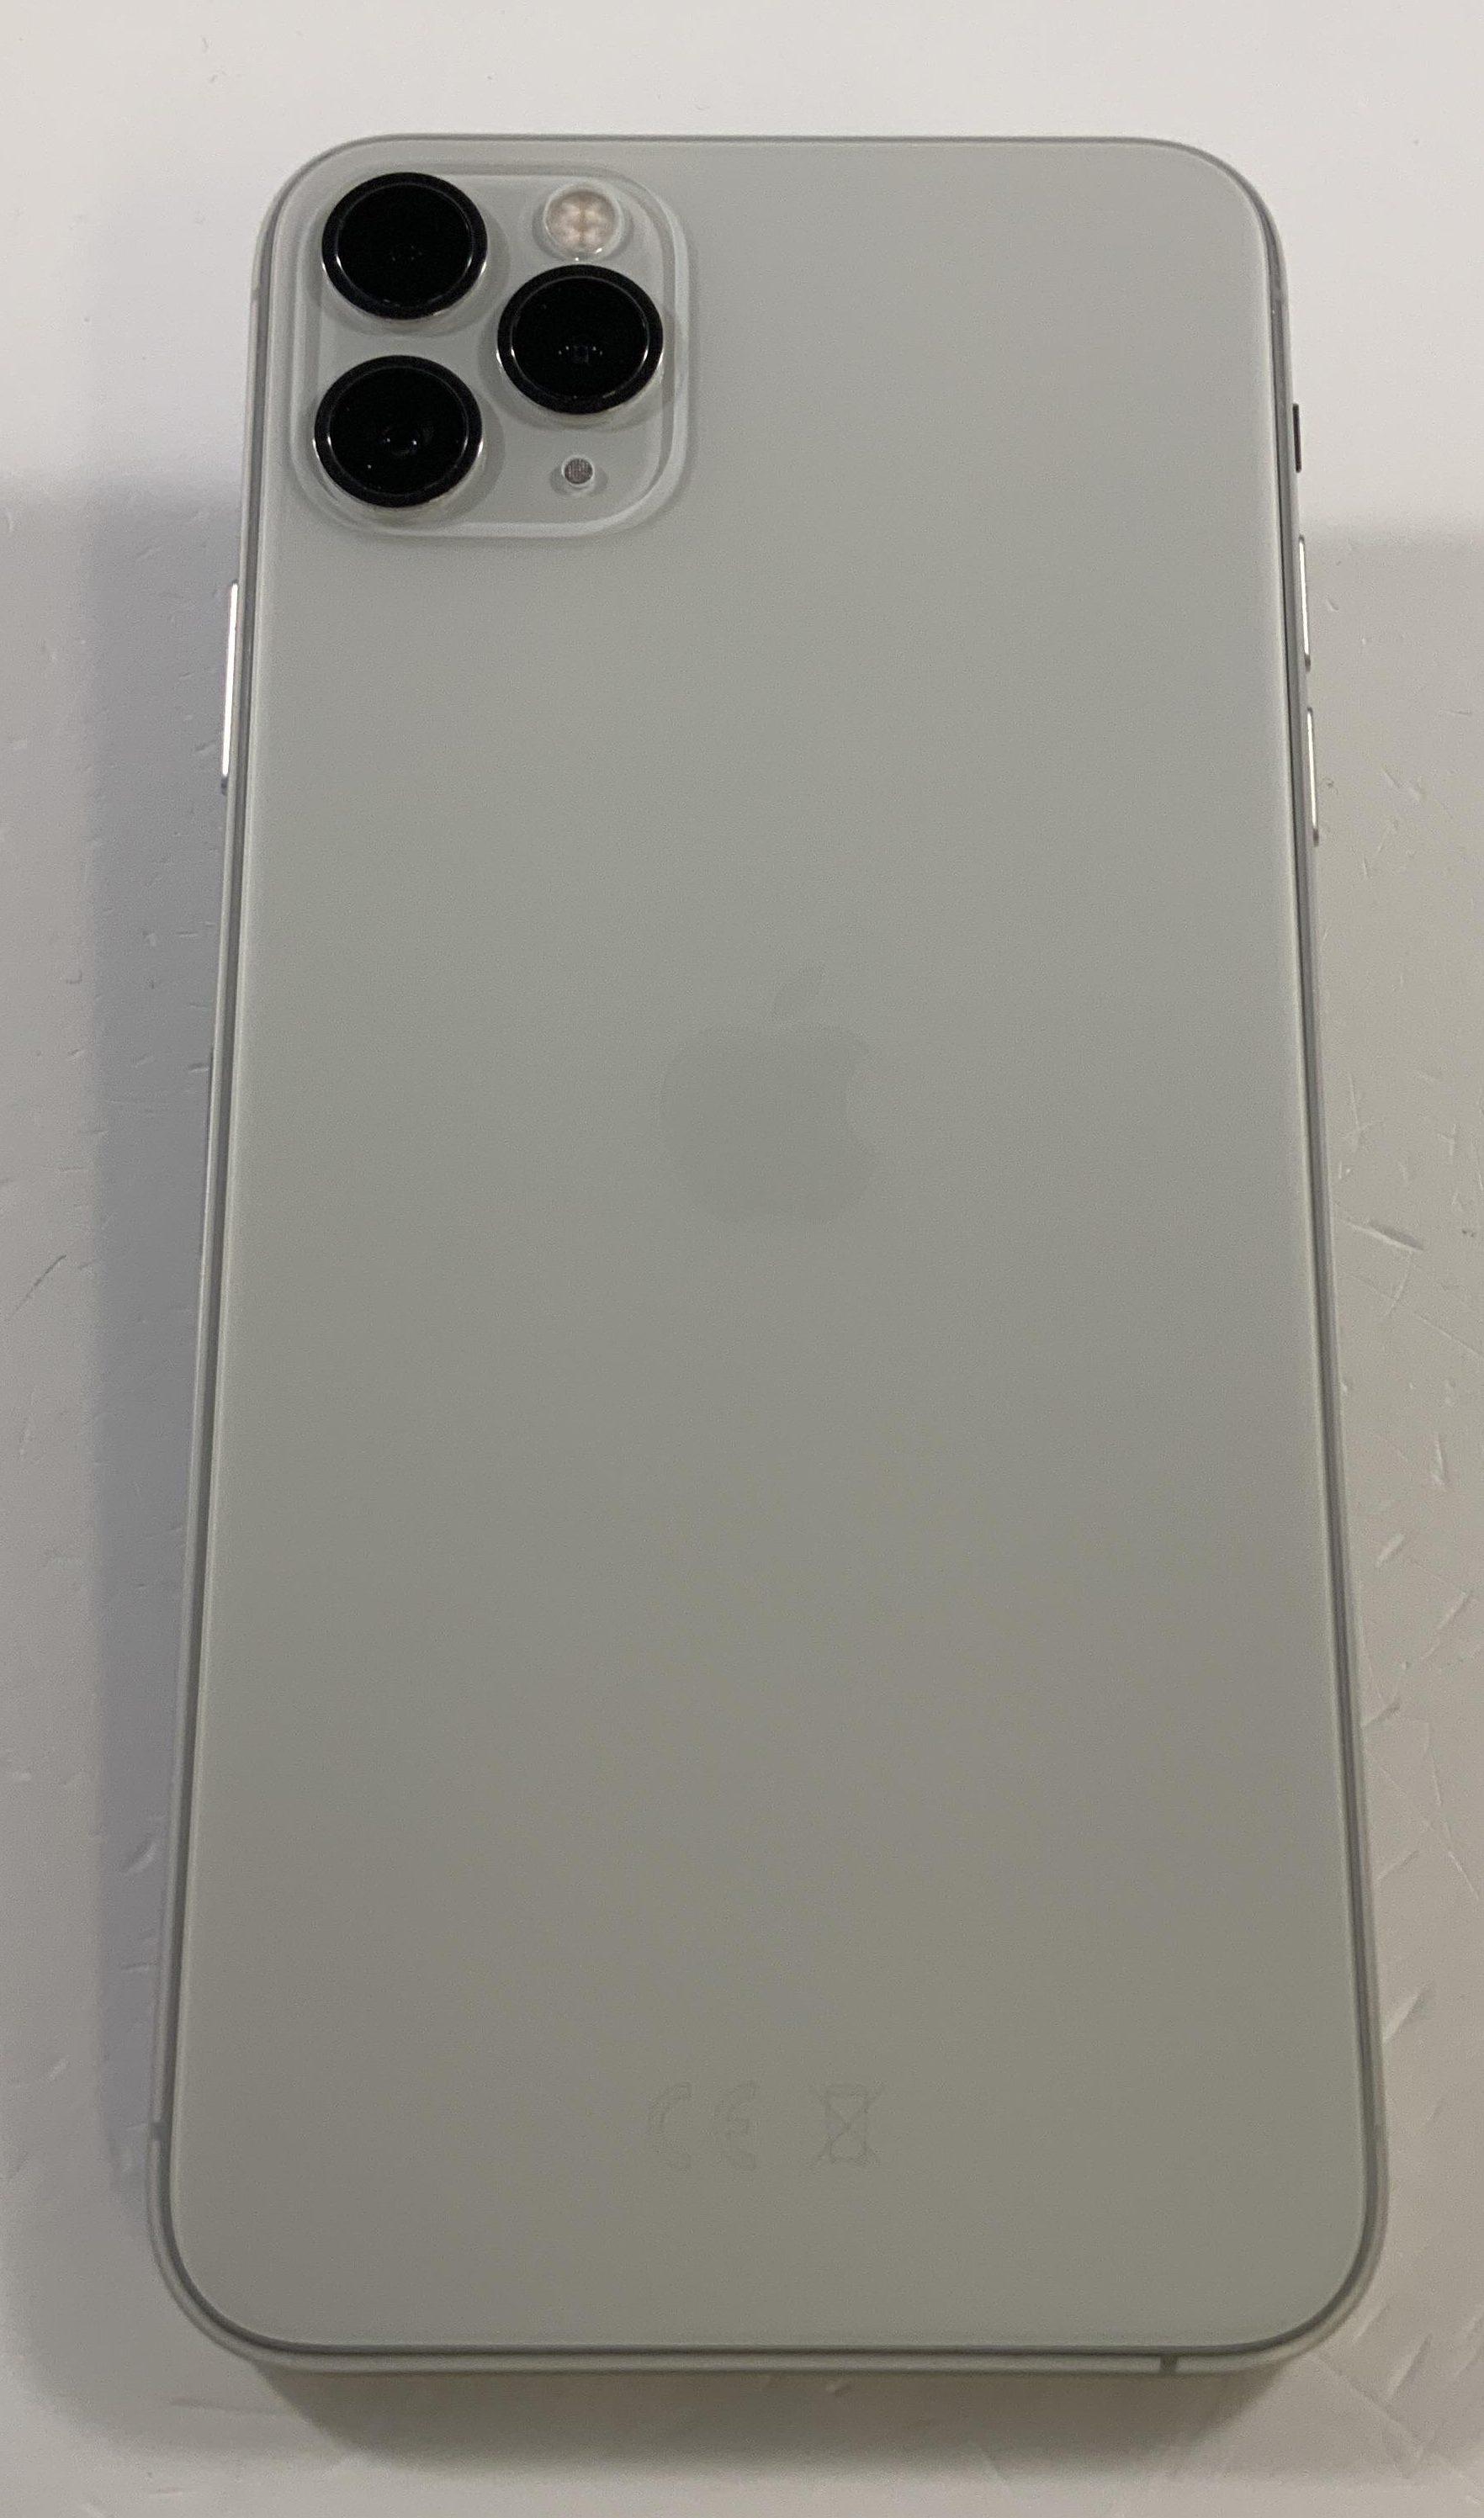 iPhone 11 Pro Max 256GB, 256GB, Silver, immagine 2